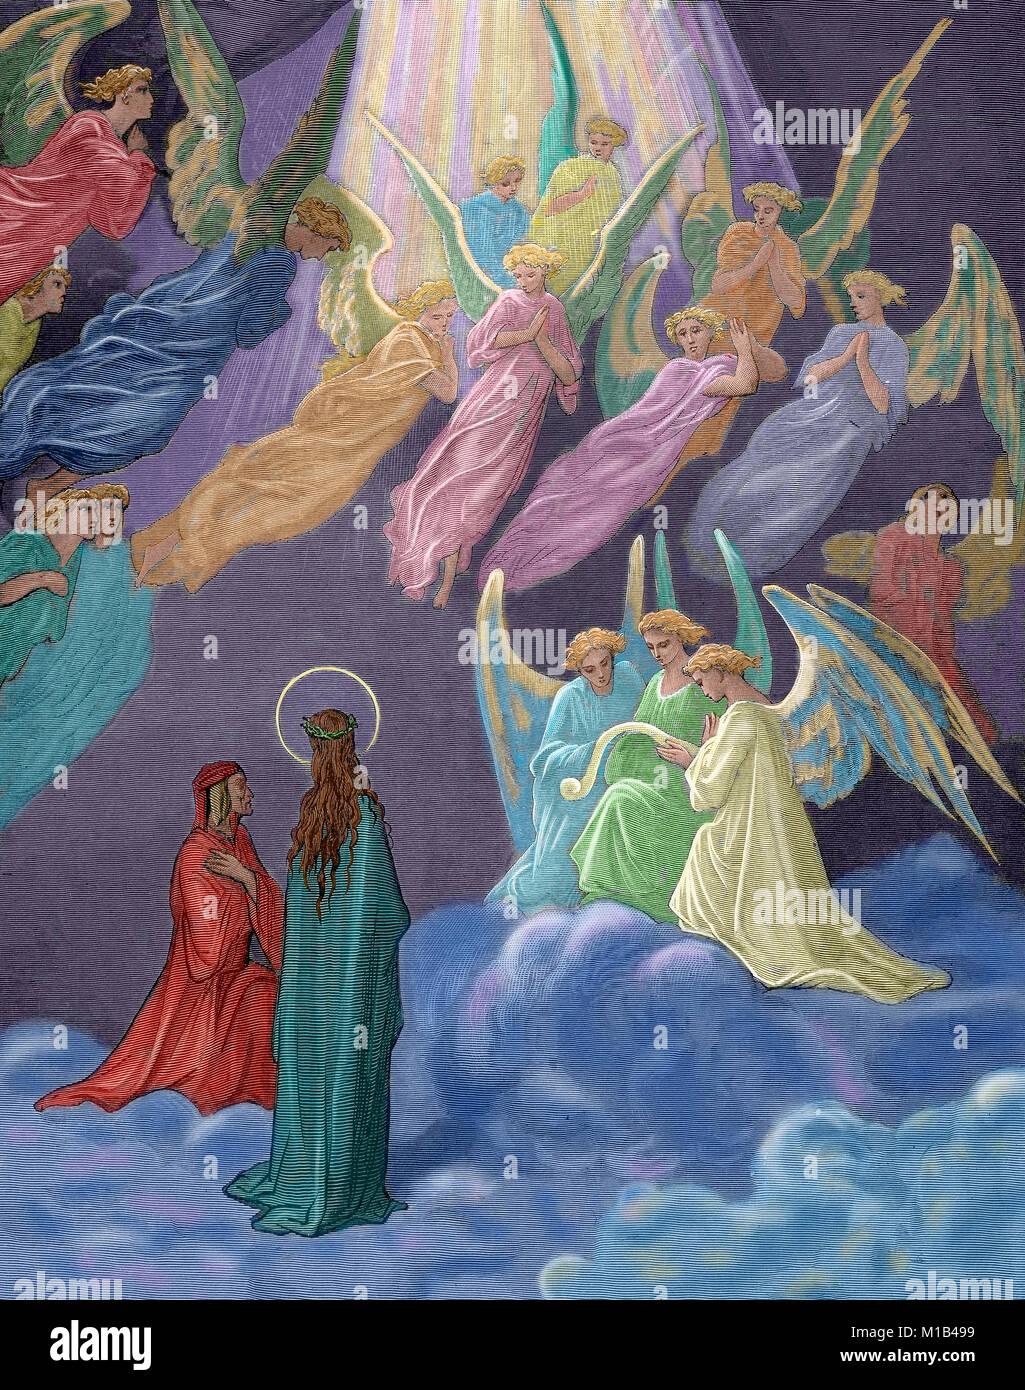 """""""Göttliche Komödie"""". Episches Gedicht von Dante Alighieri zwischen 1308 und seinem Tod im Jahr Stockbild"""